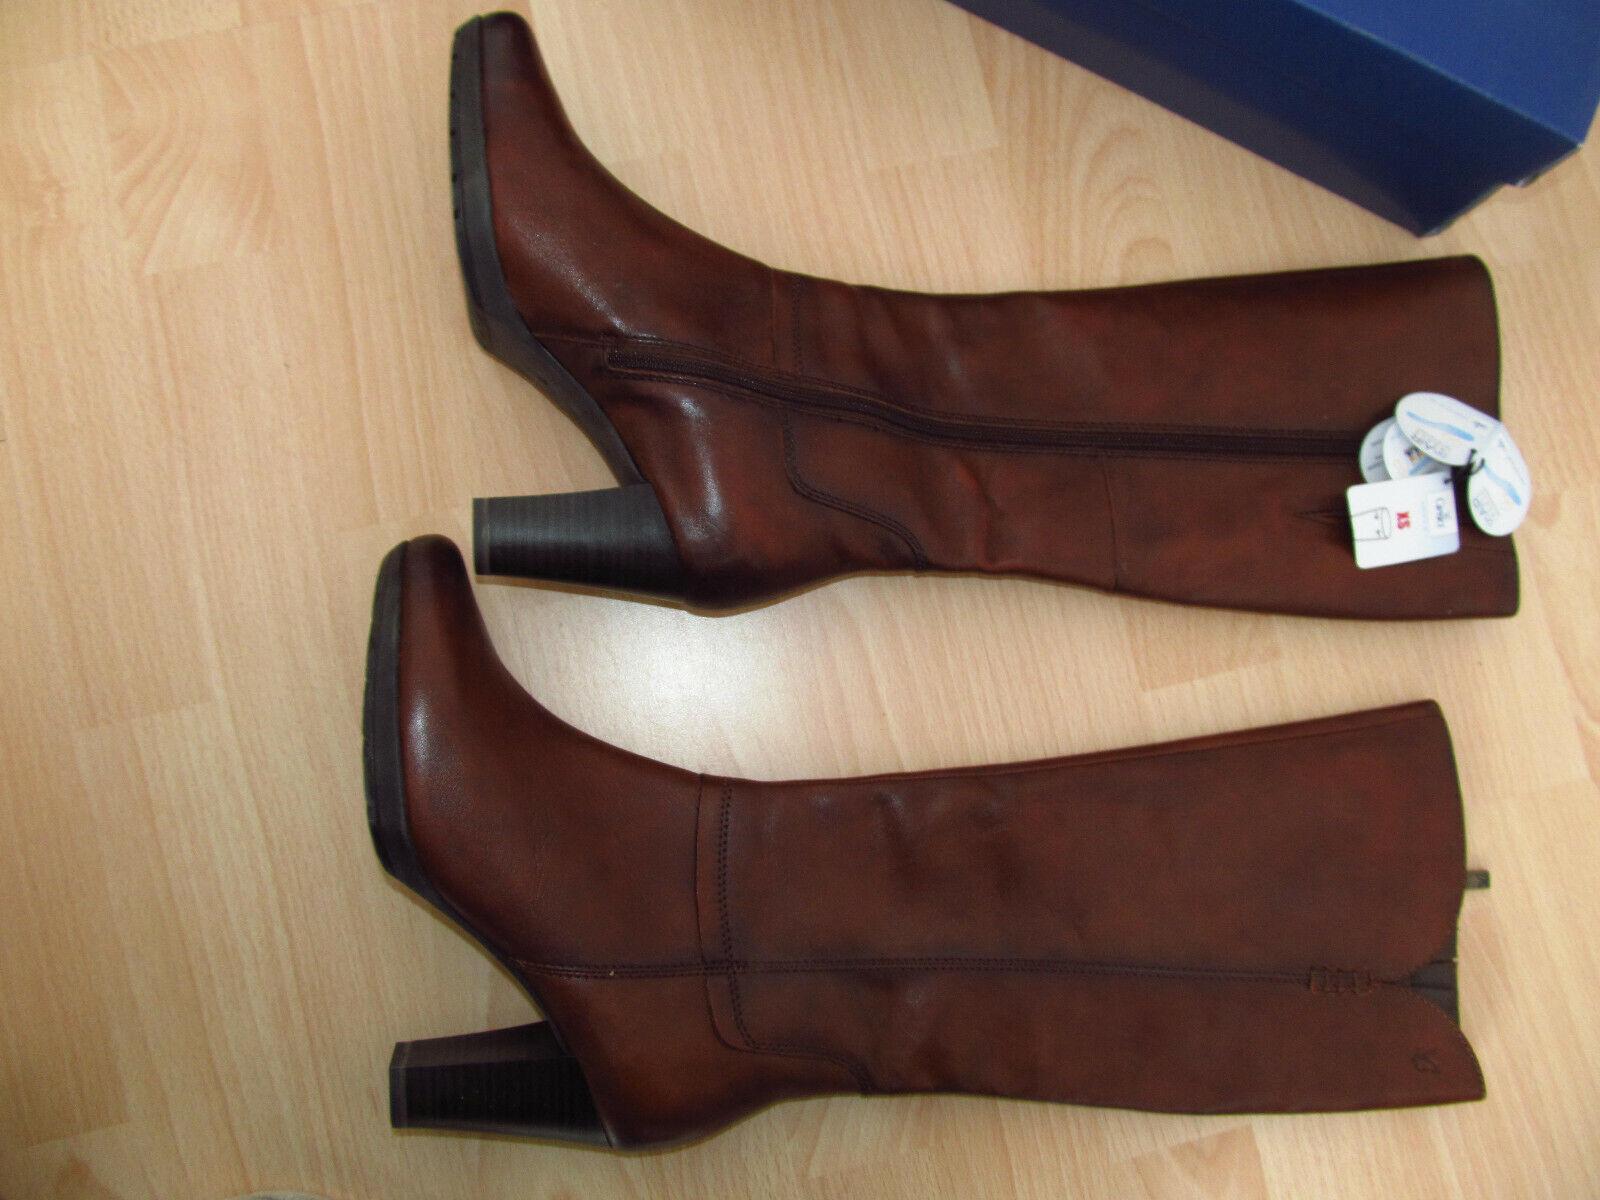 Hochwertige Caprice Stiefel 38 NEU Leder Schuhe Stiefeletten braun Cocnac Damen